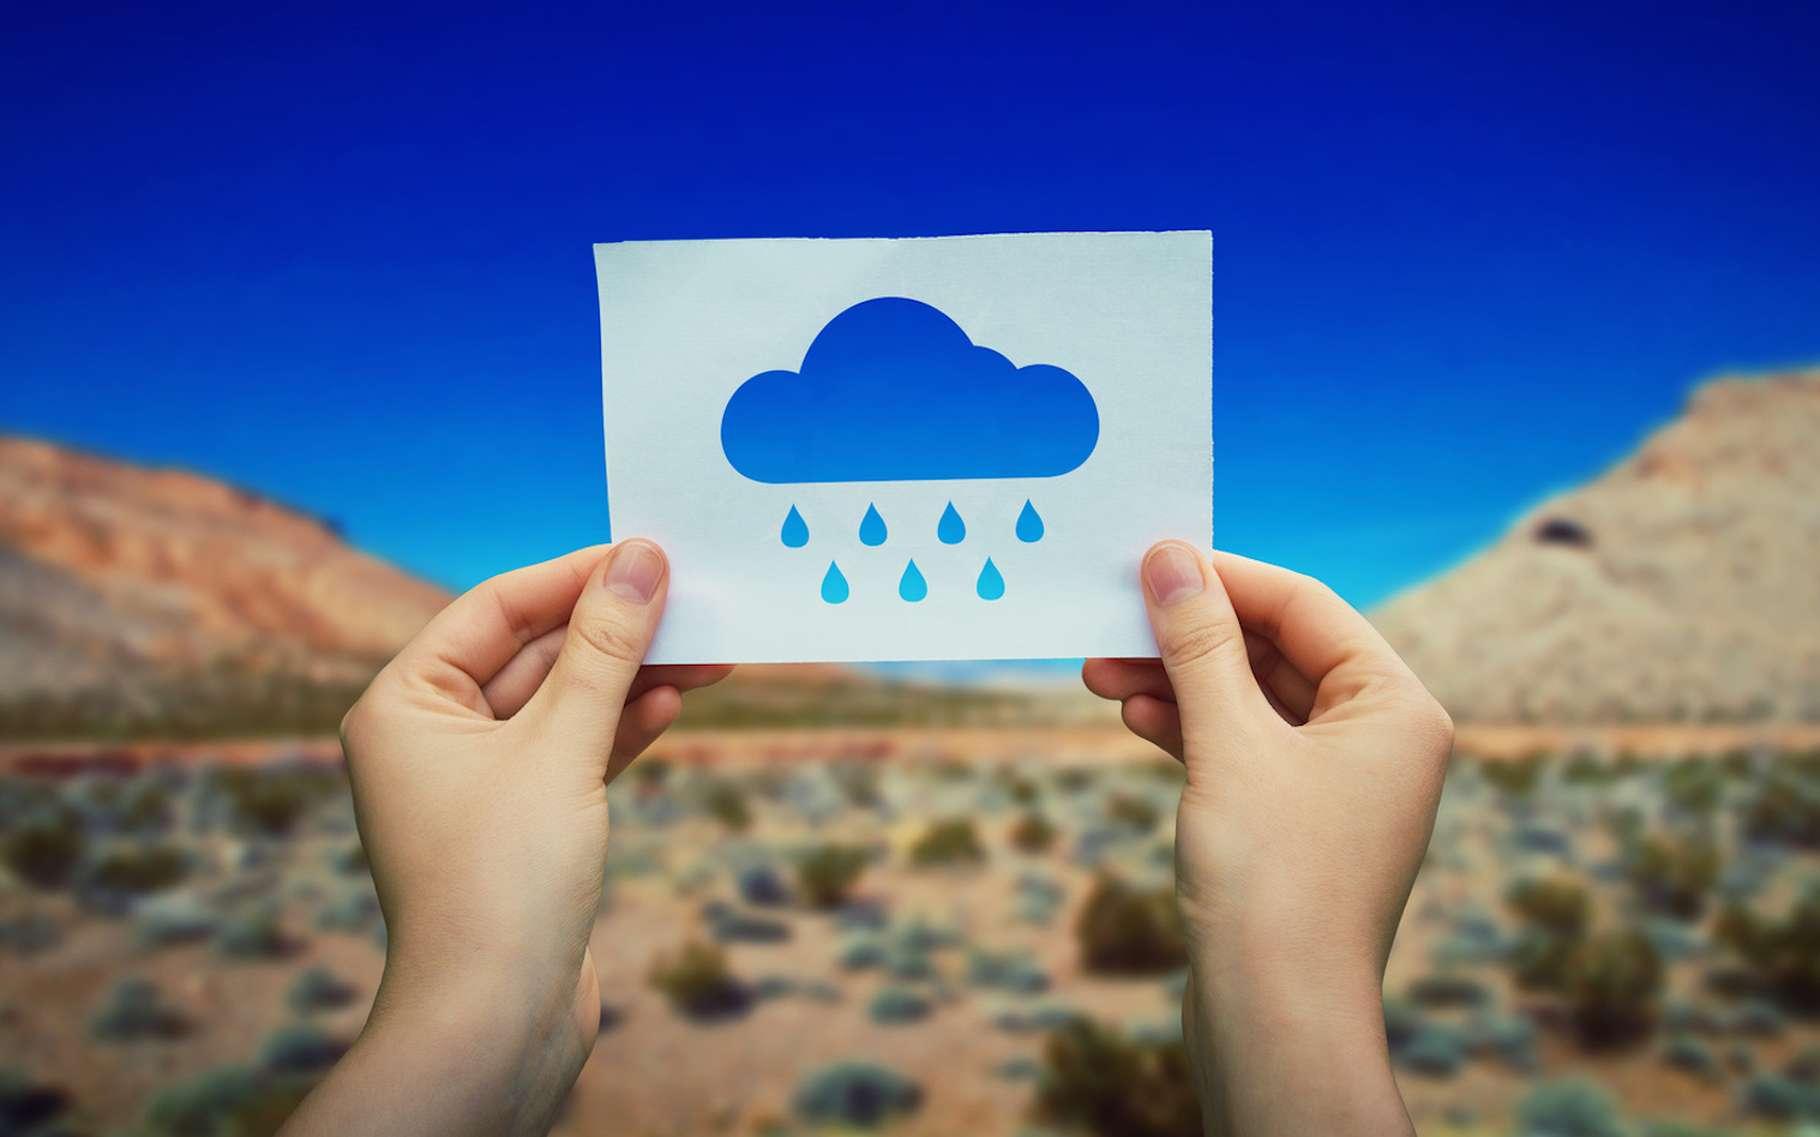 À défaut de pouvoir faire tomber la pluie dans les zones arides, des chercheurs proposent d'extraire l'humidité de l'atmosphère pour la transformer en eau potable. © Bulat, Fotolia